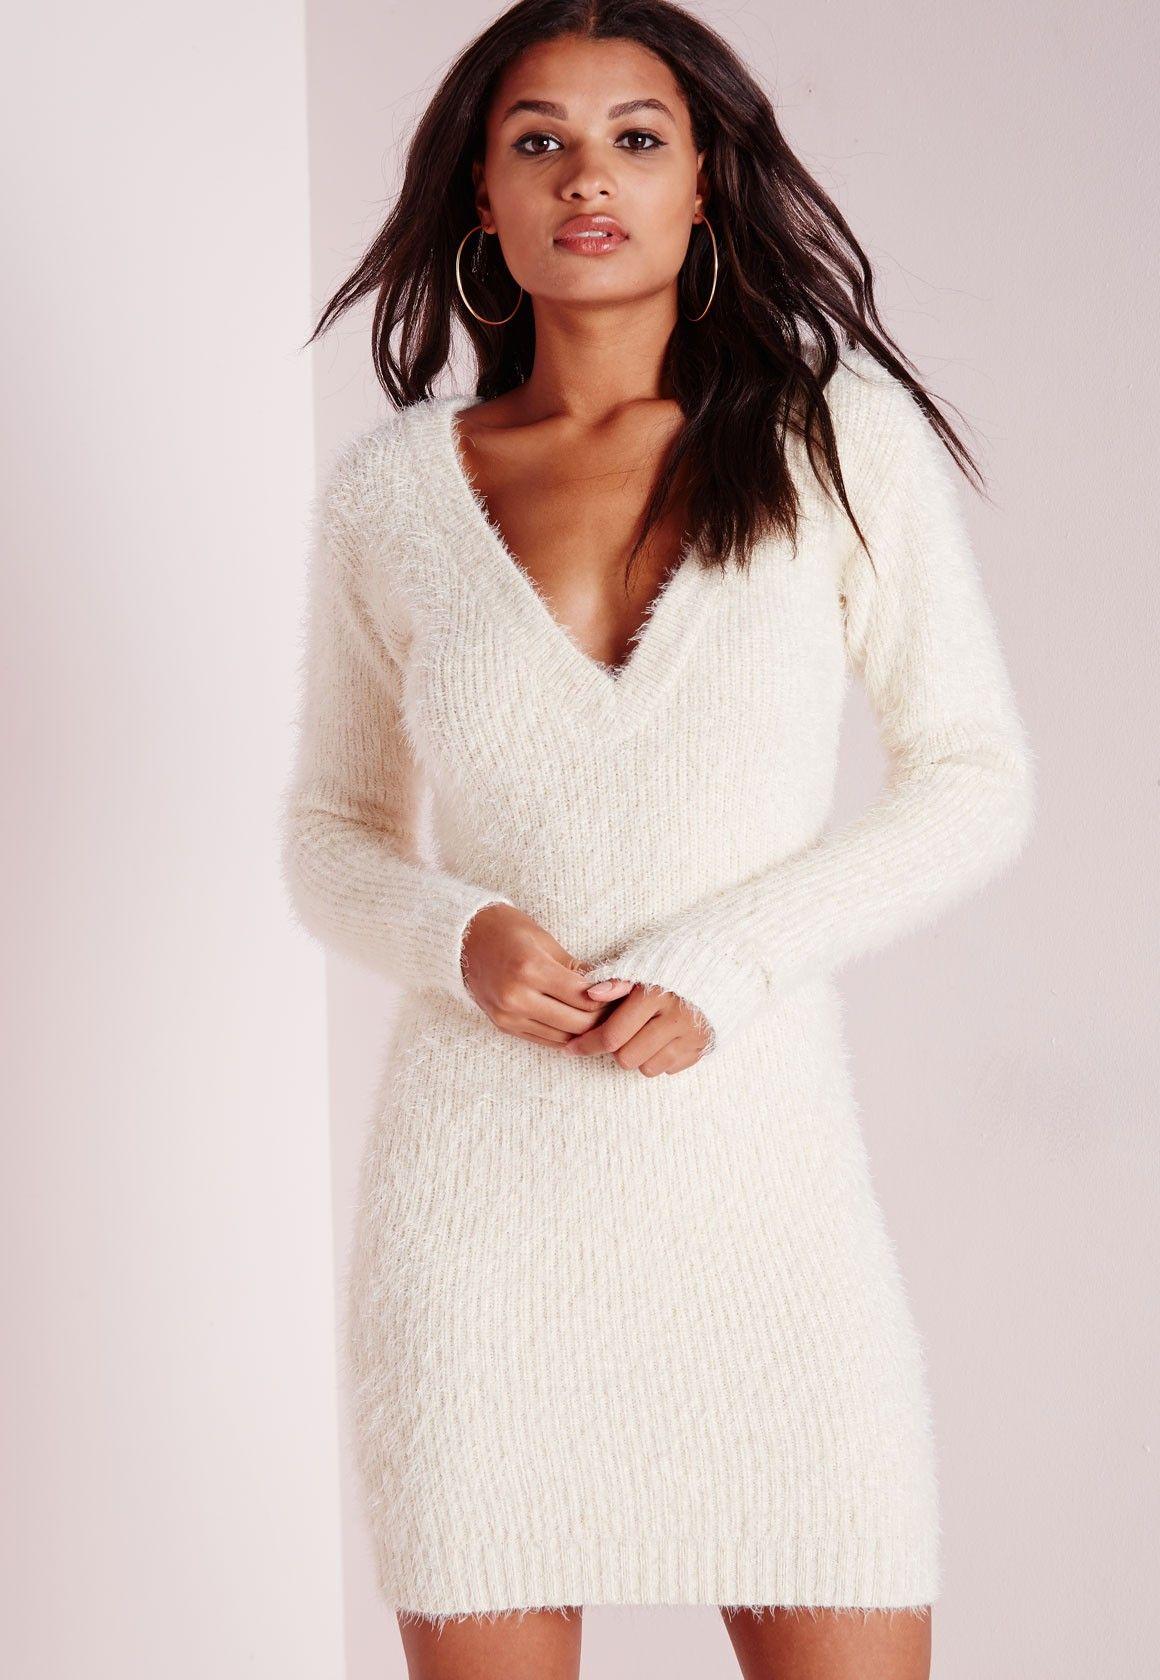 a2487cfd60c Missguided - Robe-pull en laine poilue couleur crème